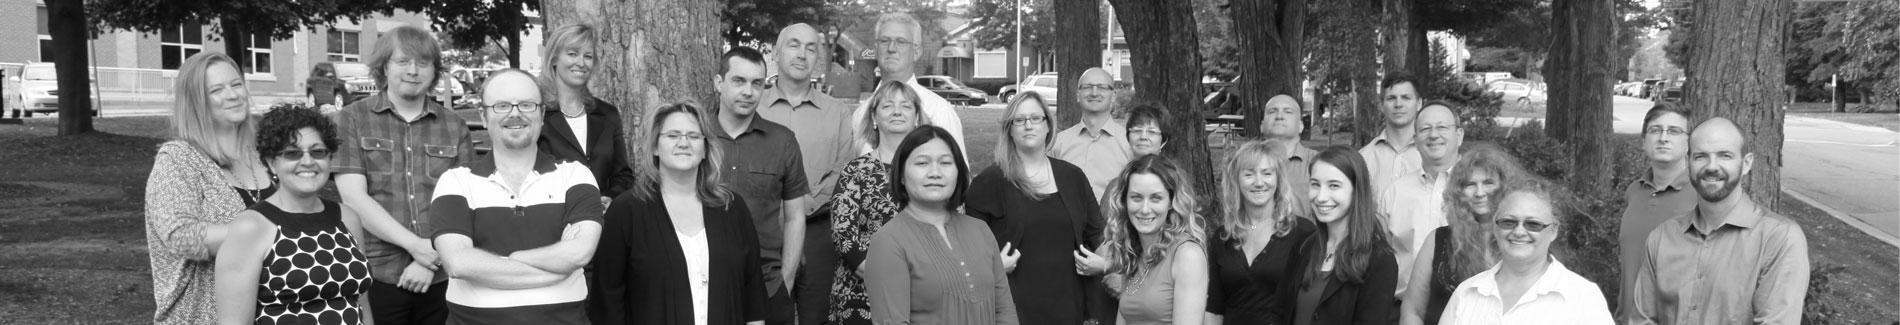 CCI Team Picture